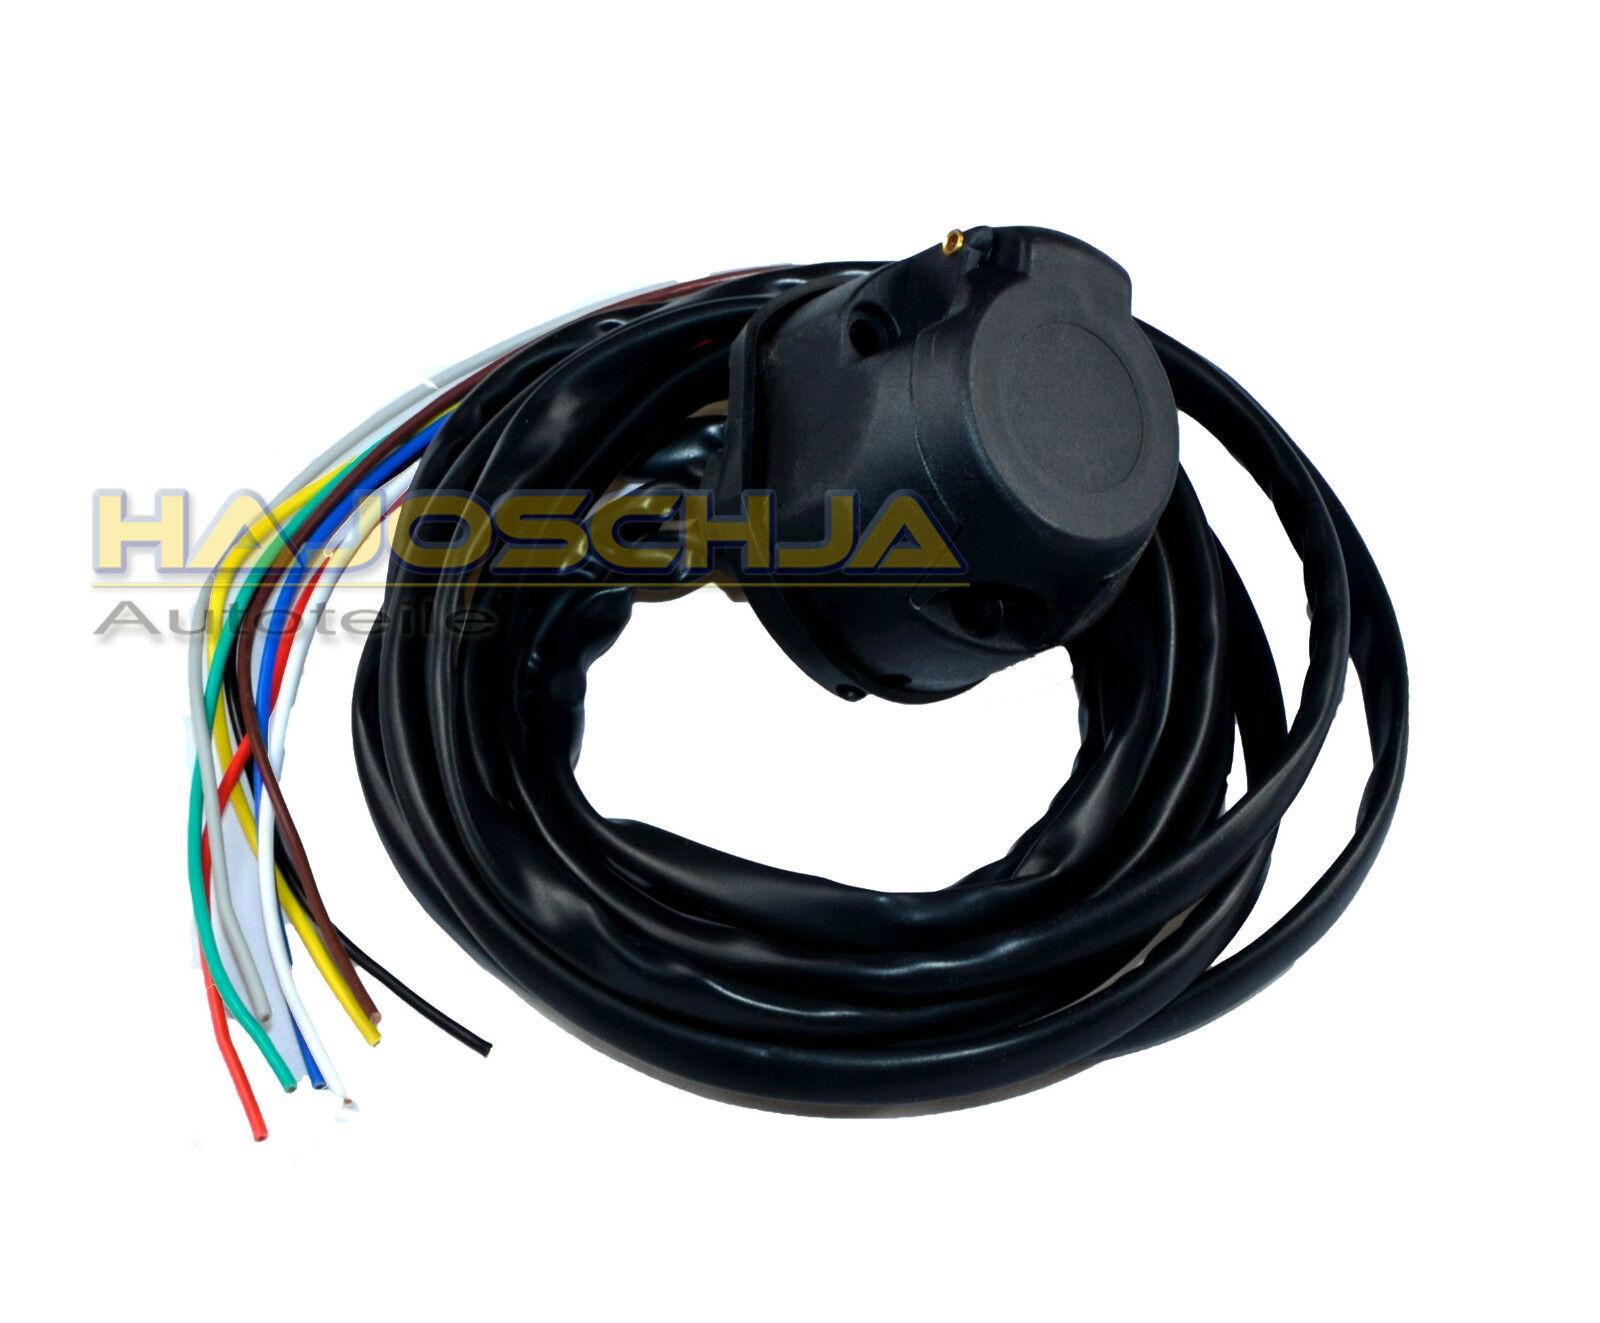 universal elektrosatz 13 polig kabelsatz ahk anh ngerkupplung anh nger e satz 2m picclick it. Black Bedroom Furniture Sets. Home Design Ideas